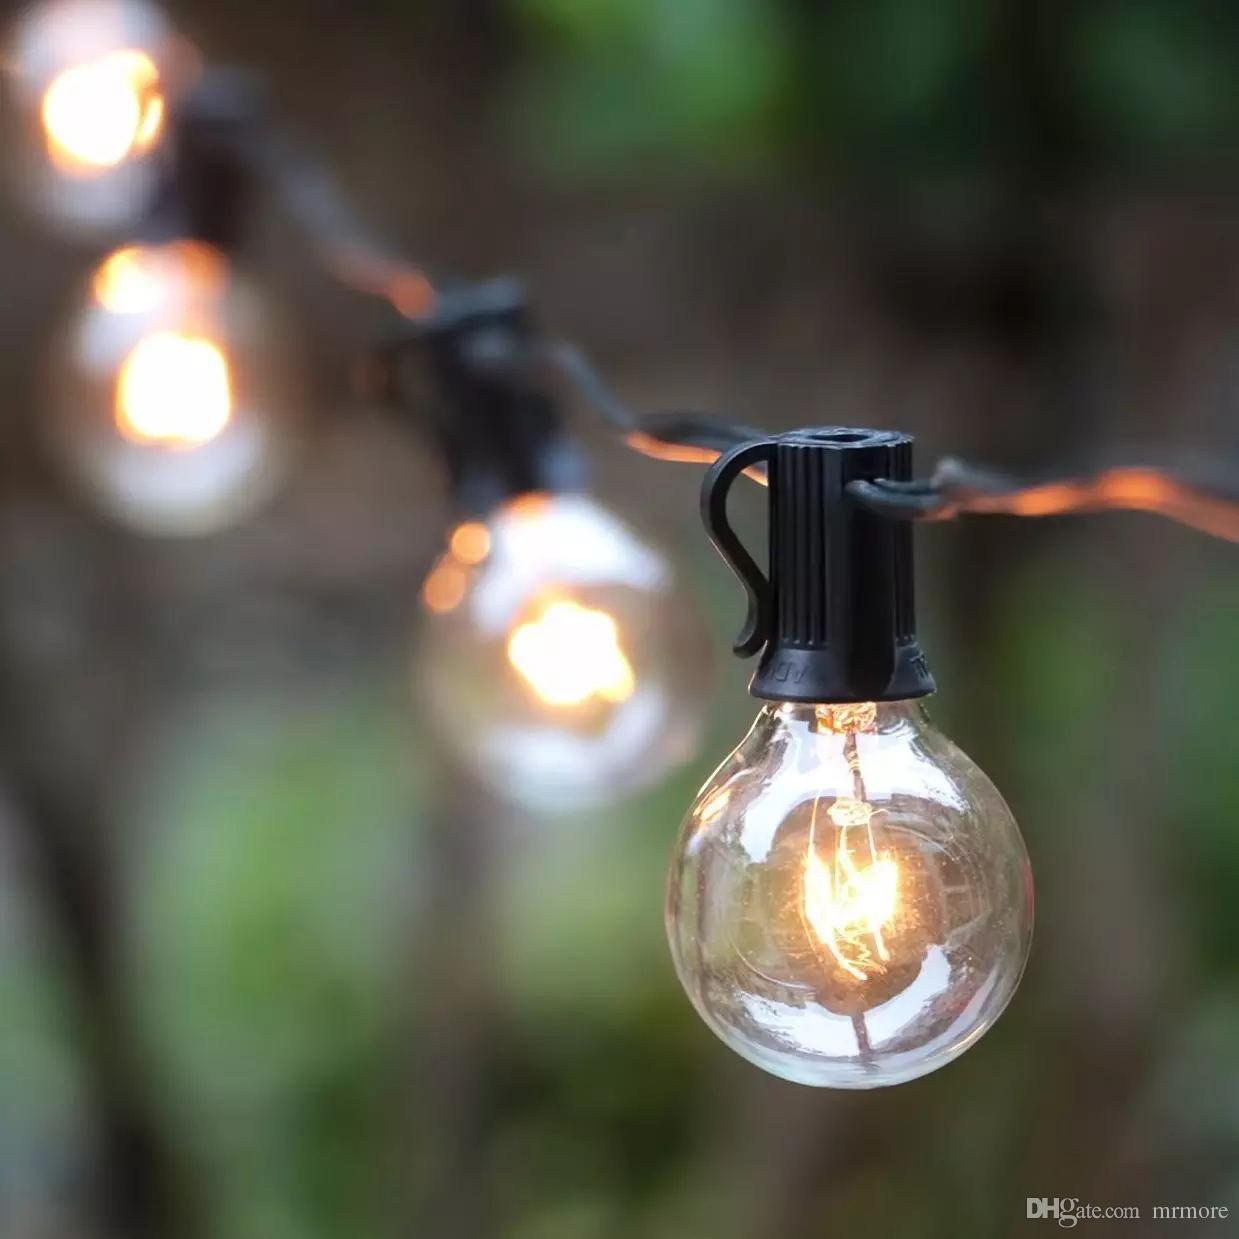 25Ft G40 Bulb Globe String Lights With Clear Bulbs Backyard Patio Lights,  Vintage Bulbs ,Decorative Outdoor Garland Wedding 25Ft G40 Bulb Globe  String ...